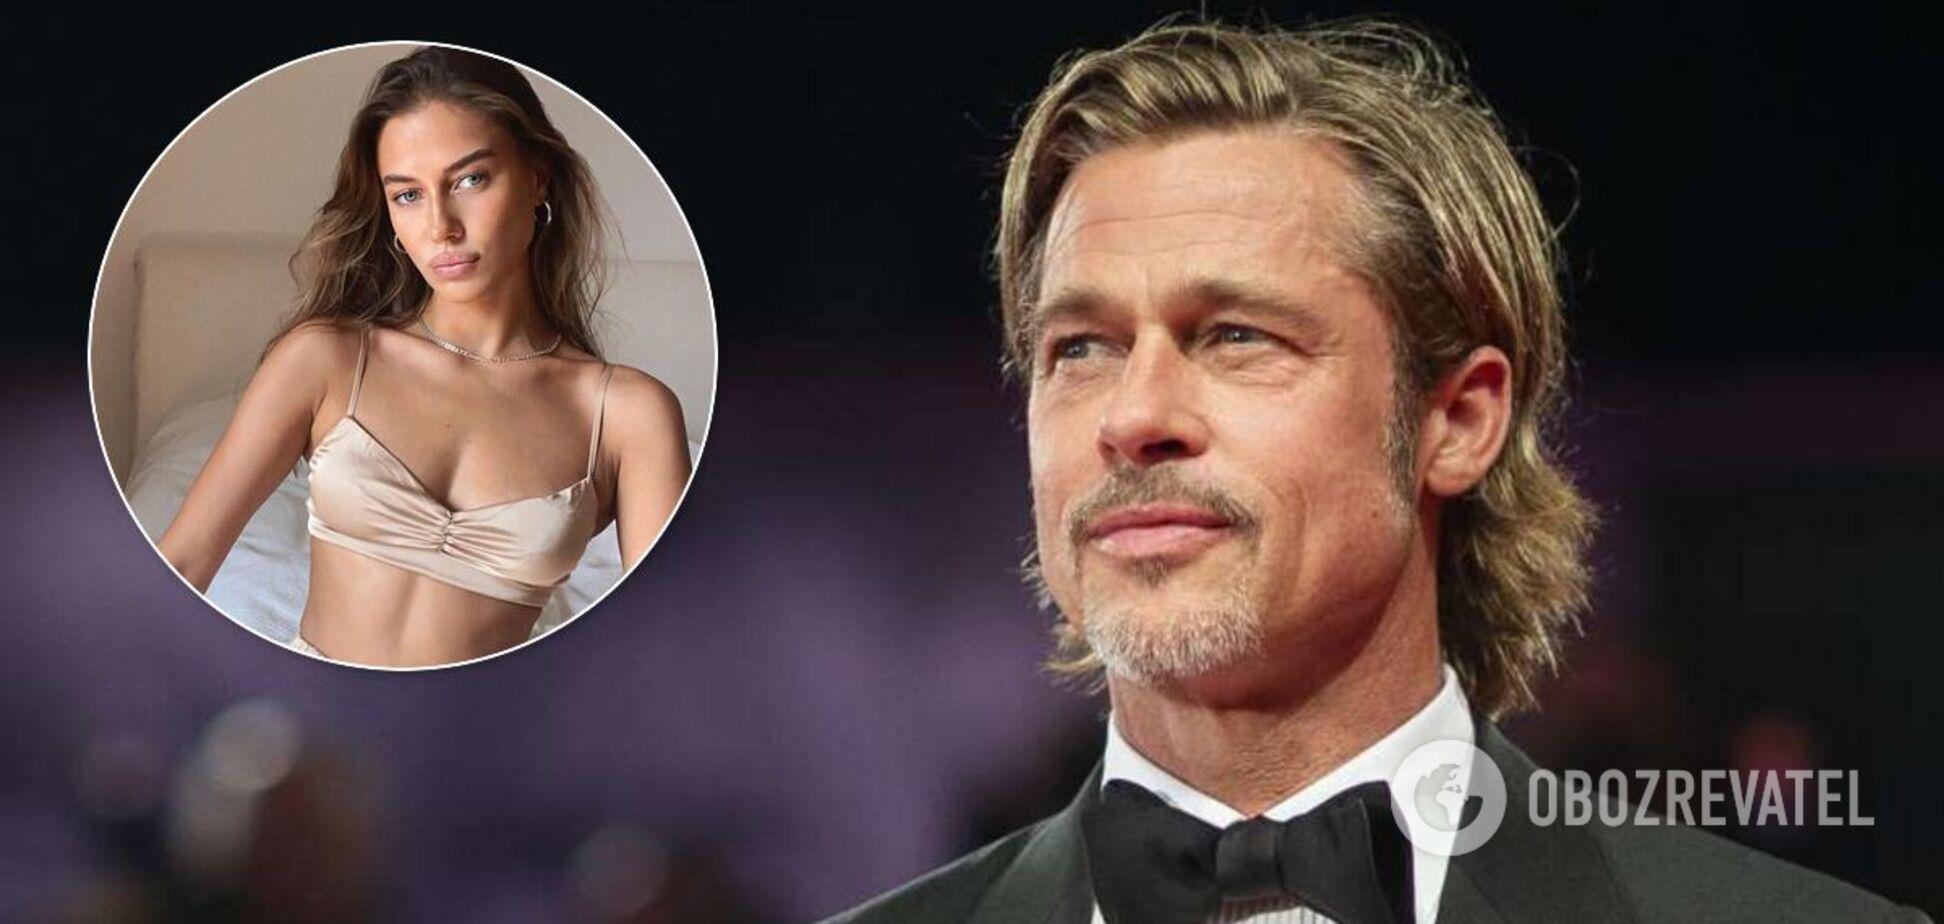 Брэд Питт закрутил роман с 27-летней 'копией' Джоли: как выглядит девушка